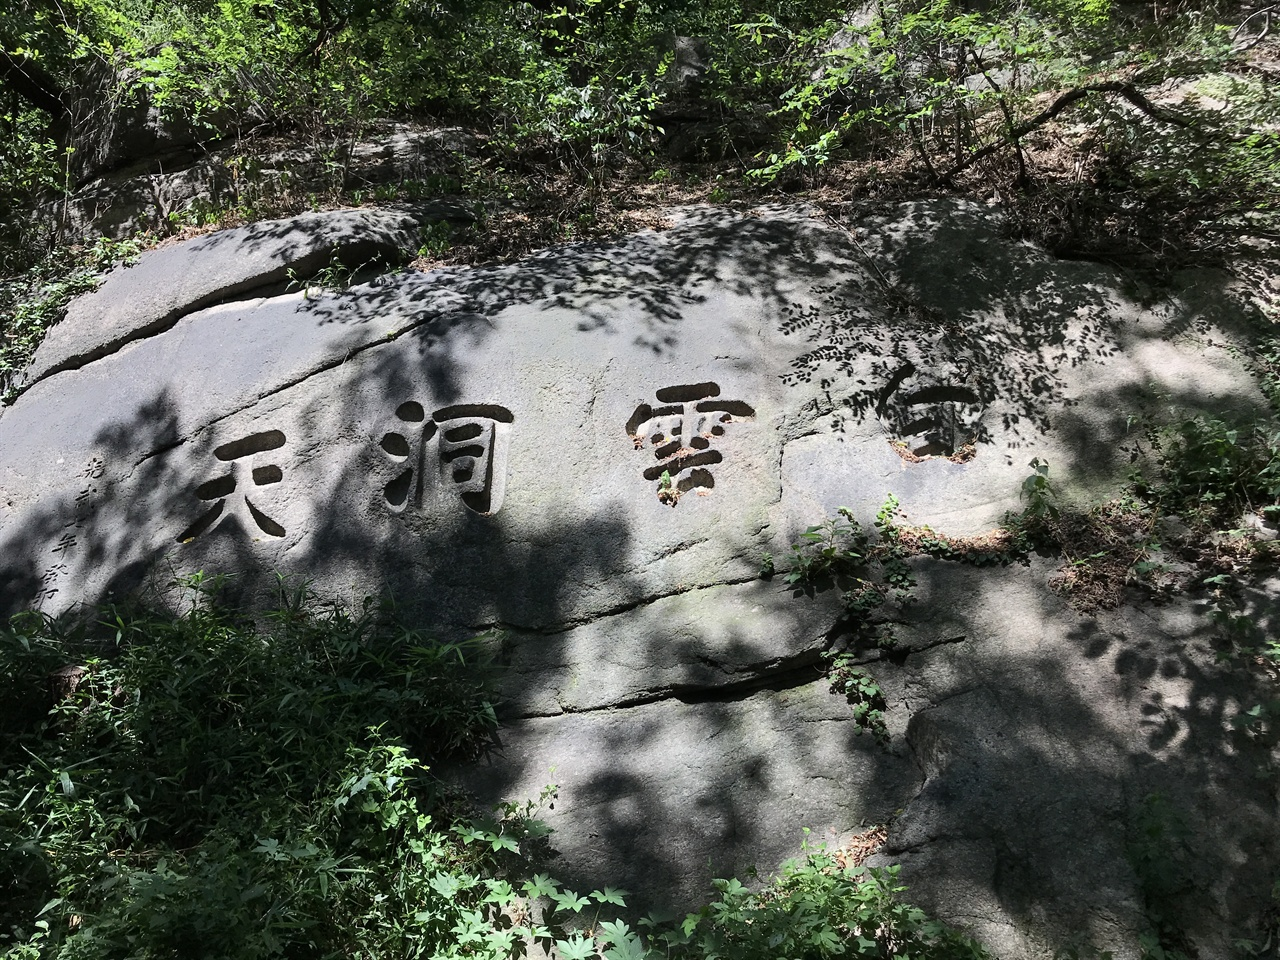 '백운동천' 각자 청운문학도서관 아래 바위 절벽에 새겨진 '백운동천' 글씨. 동농 김가진이 새긴 글씨로 그의 집 백운장이 이곳에 있었다.